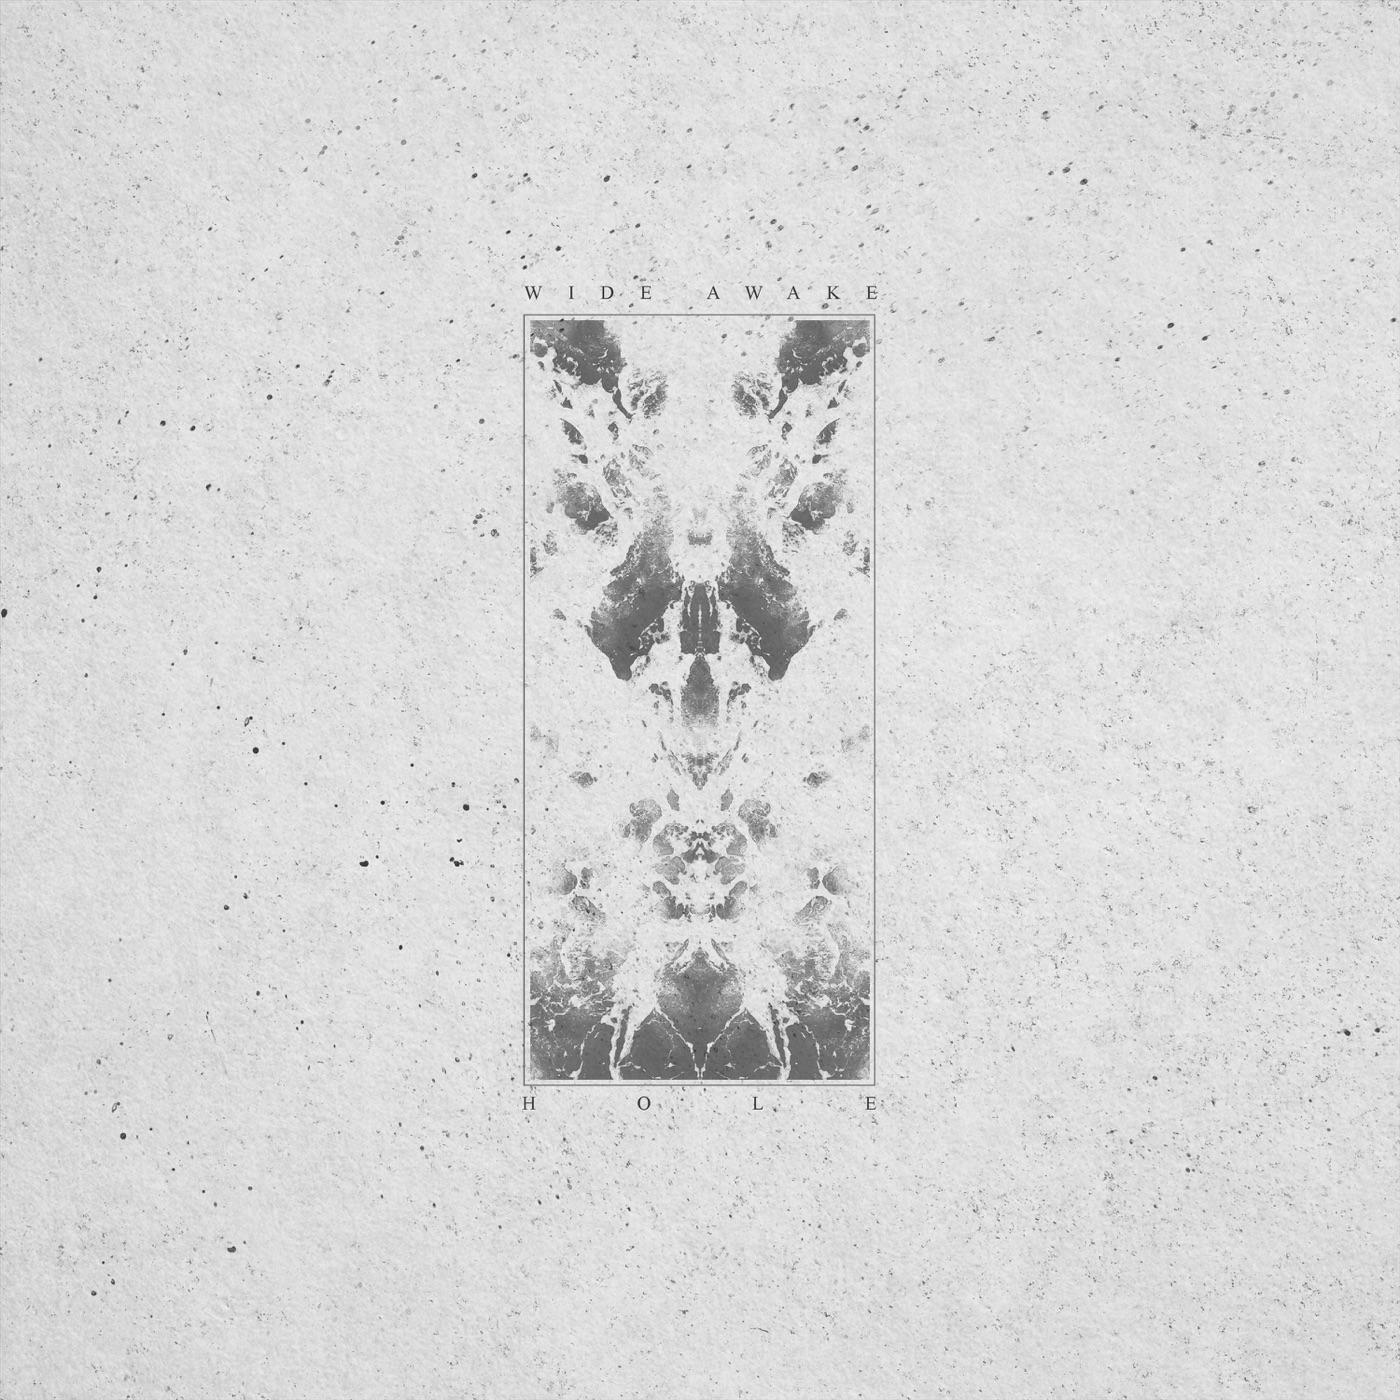 Wide Awake - Hole [single] (2018)